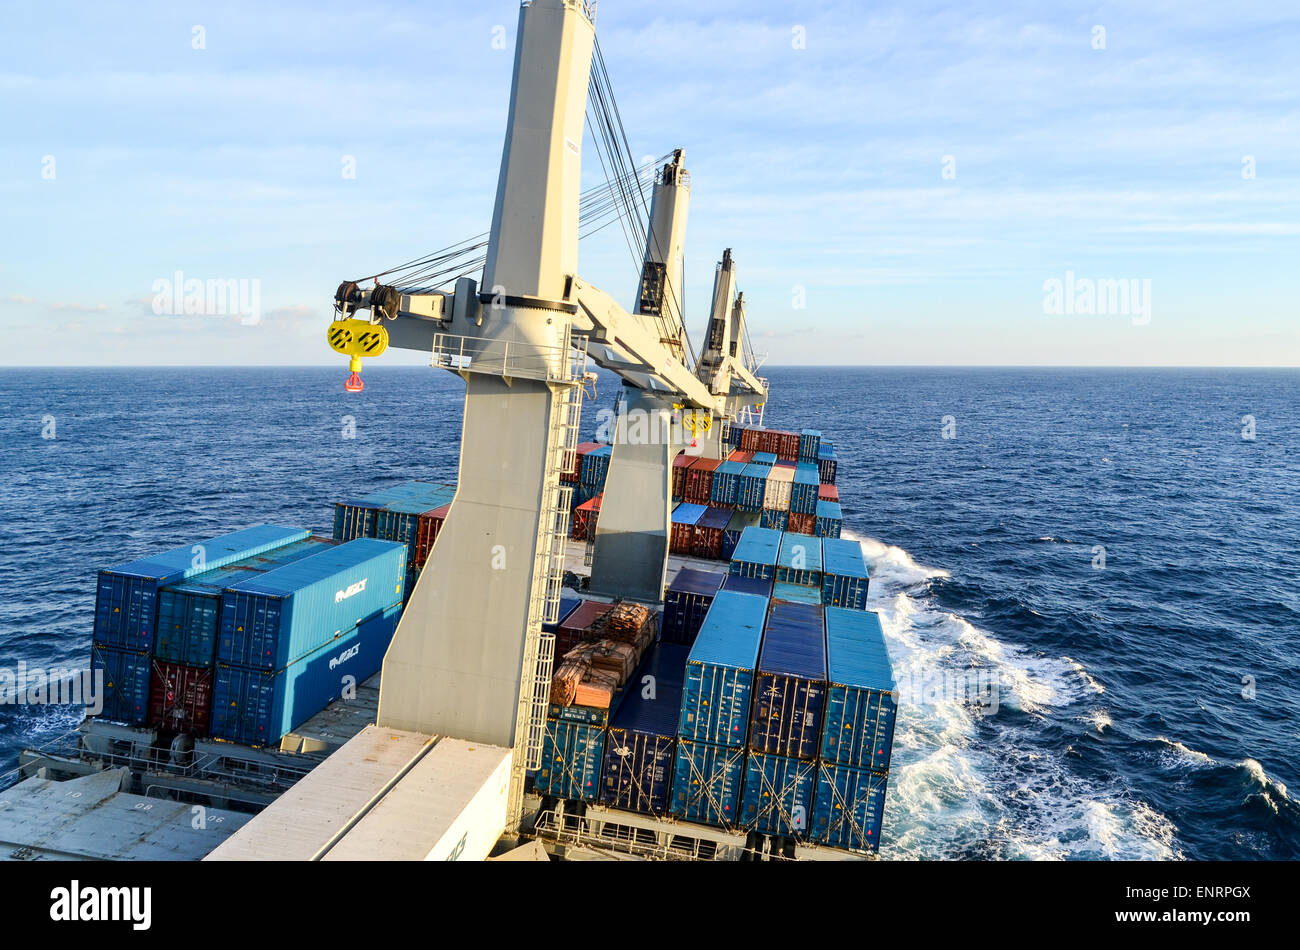 Navire transportant des conteneurs roulant dans la mer ouverte sur l'océan Atlantique Photo Stock